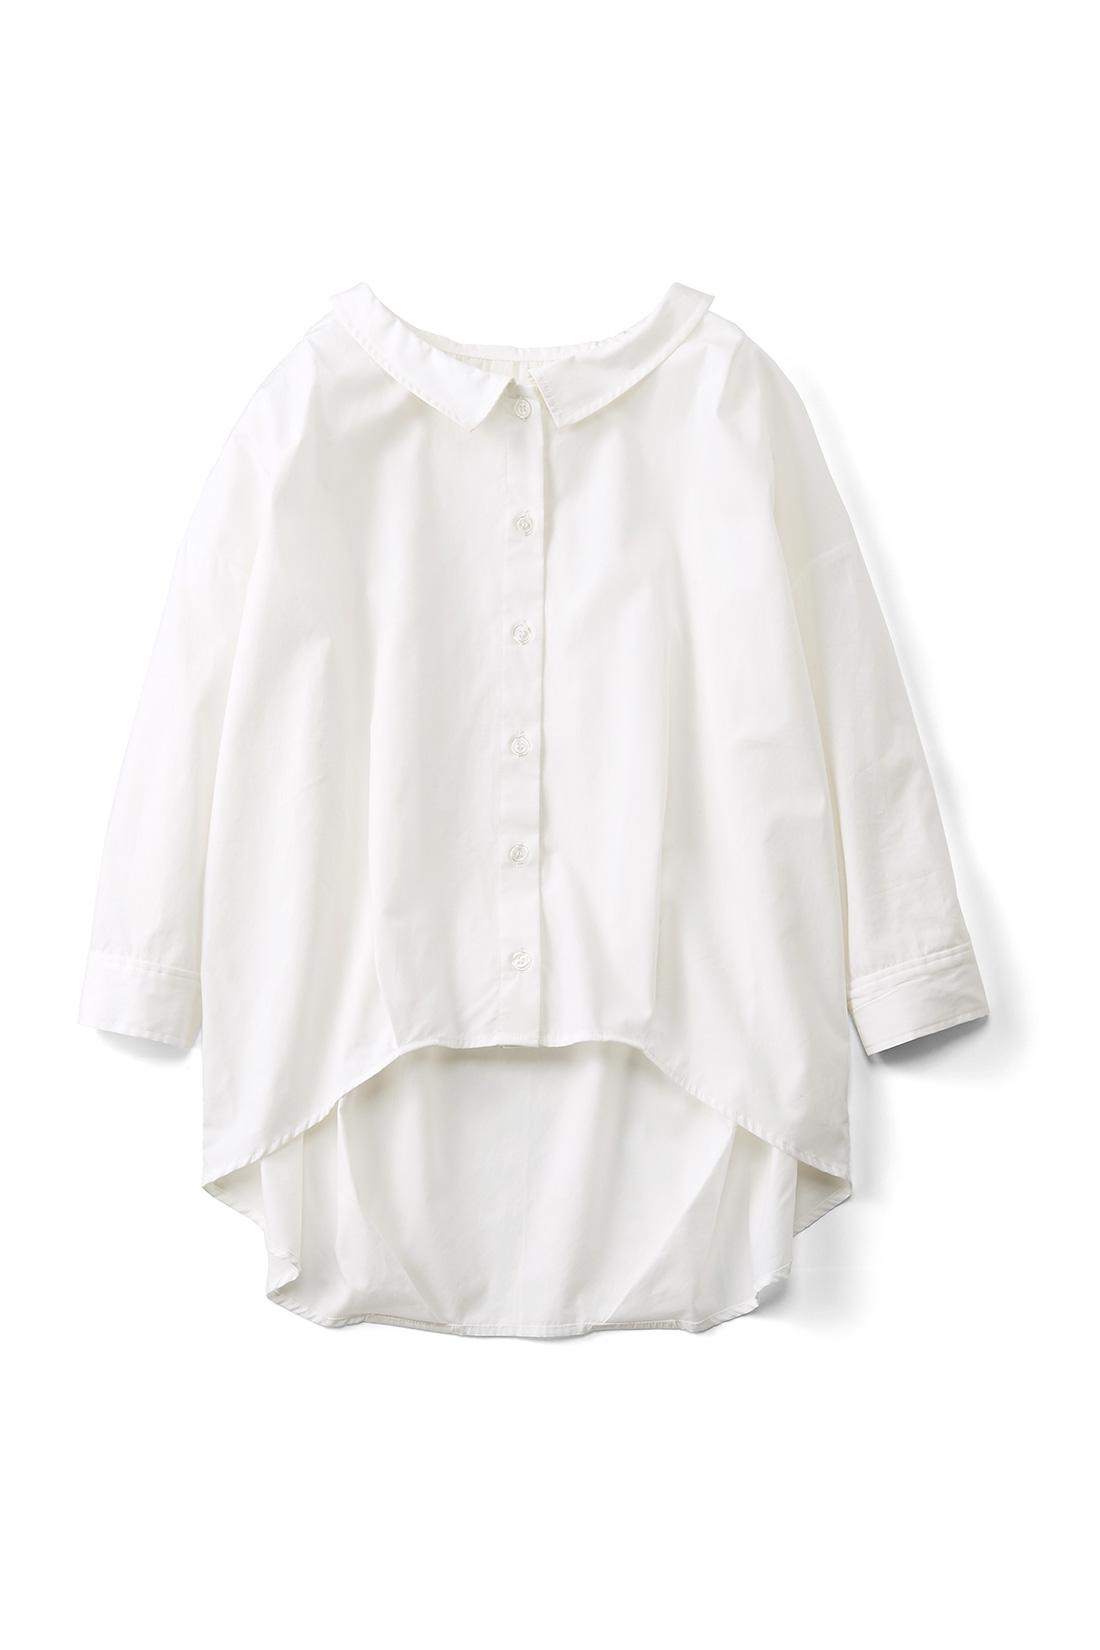 さわやかな[オフホワイト]。たっぷりとした身幅に七分袖がグッドバランス。